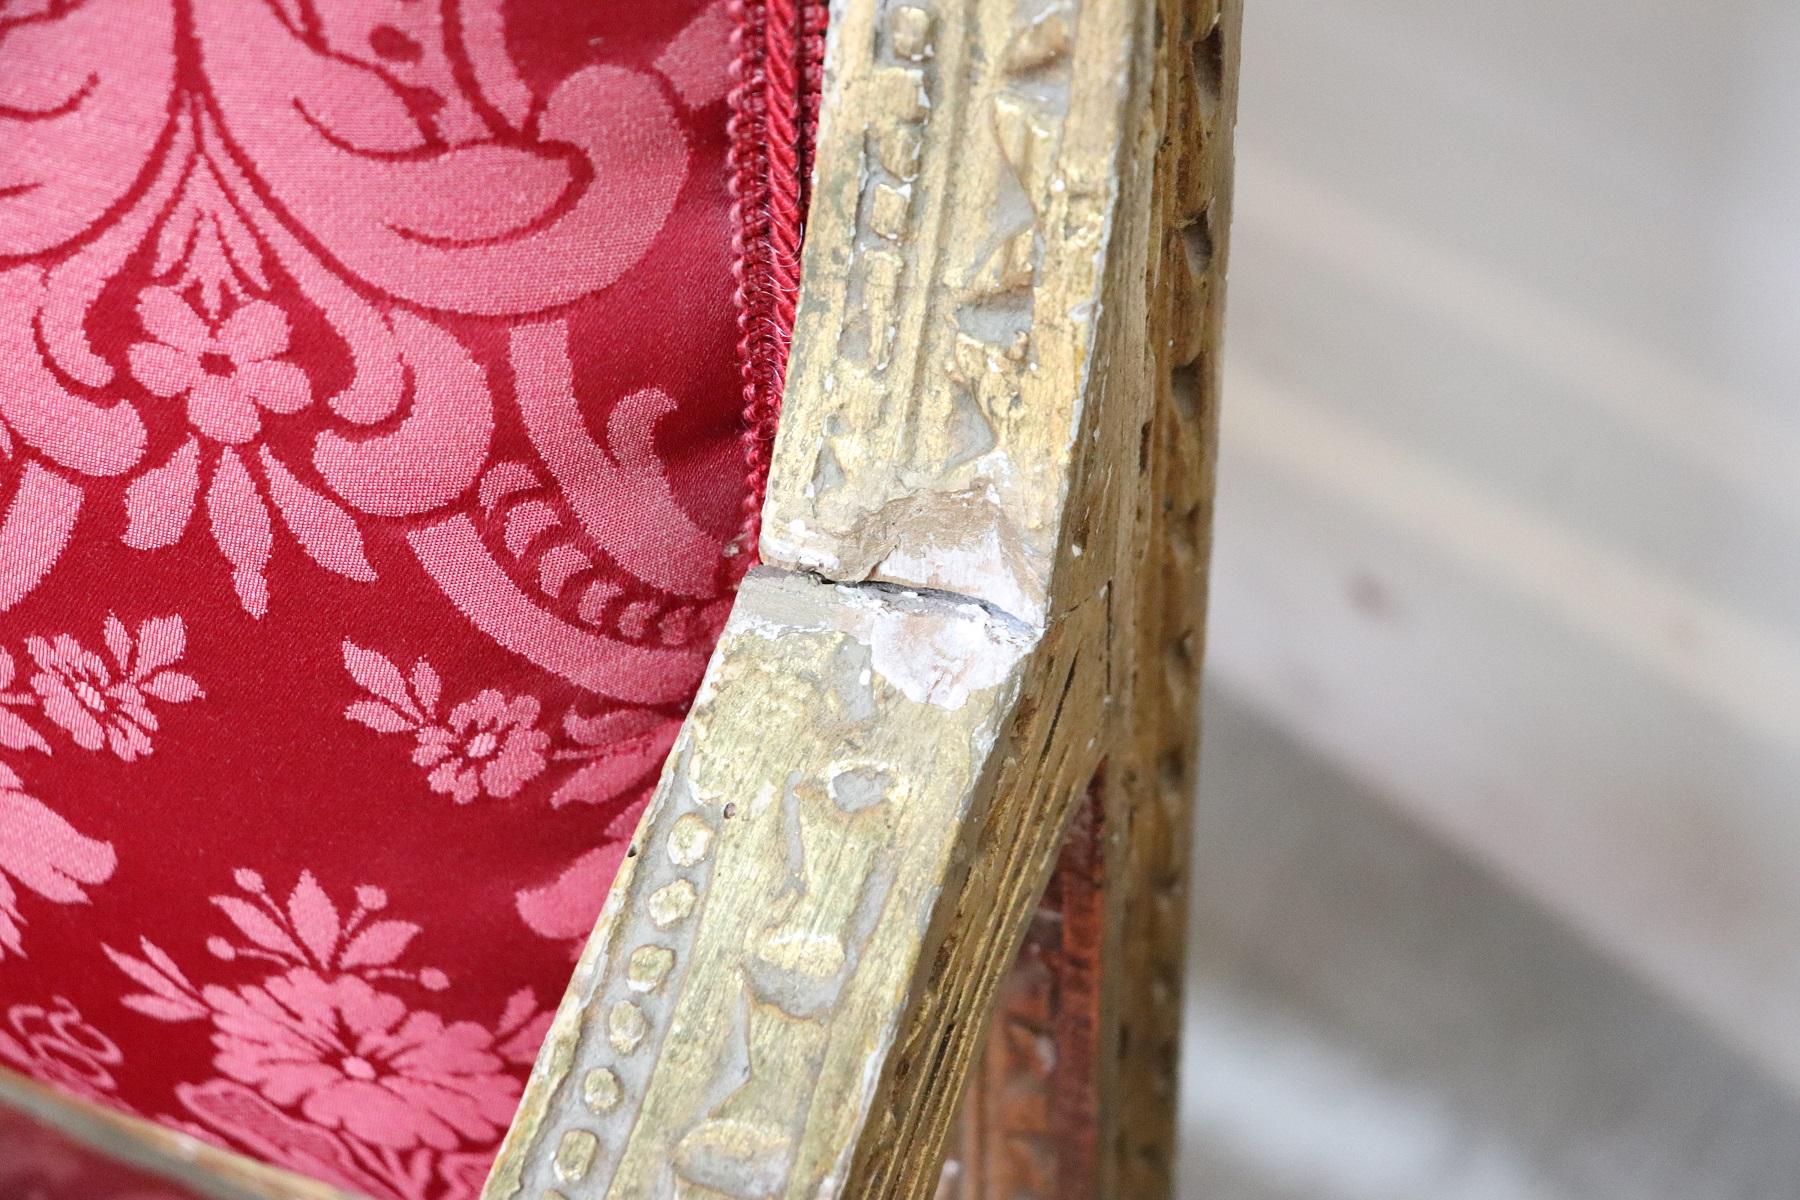 thumb7|Coppia di poltrone in stile antico Luigi XVI legno intagliato e dorato PREZZO TRATTABILE